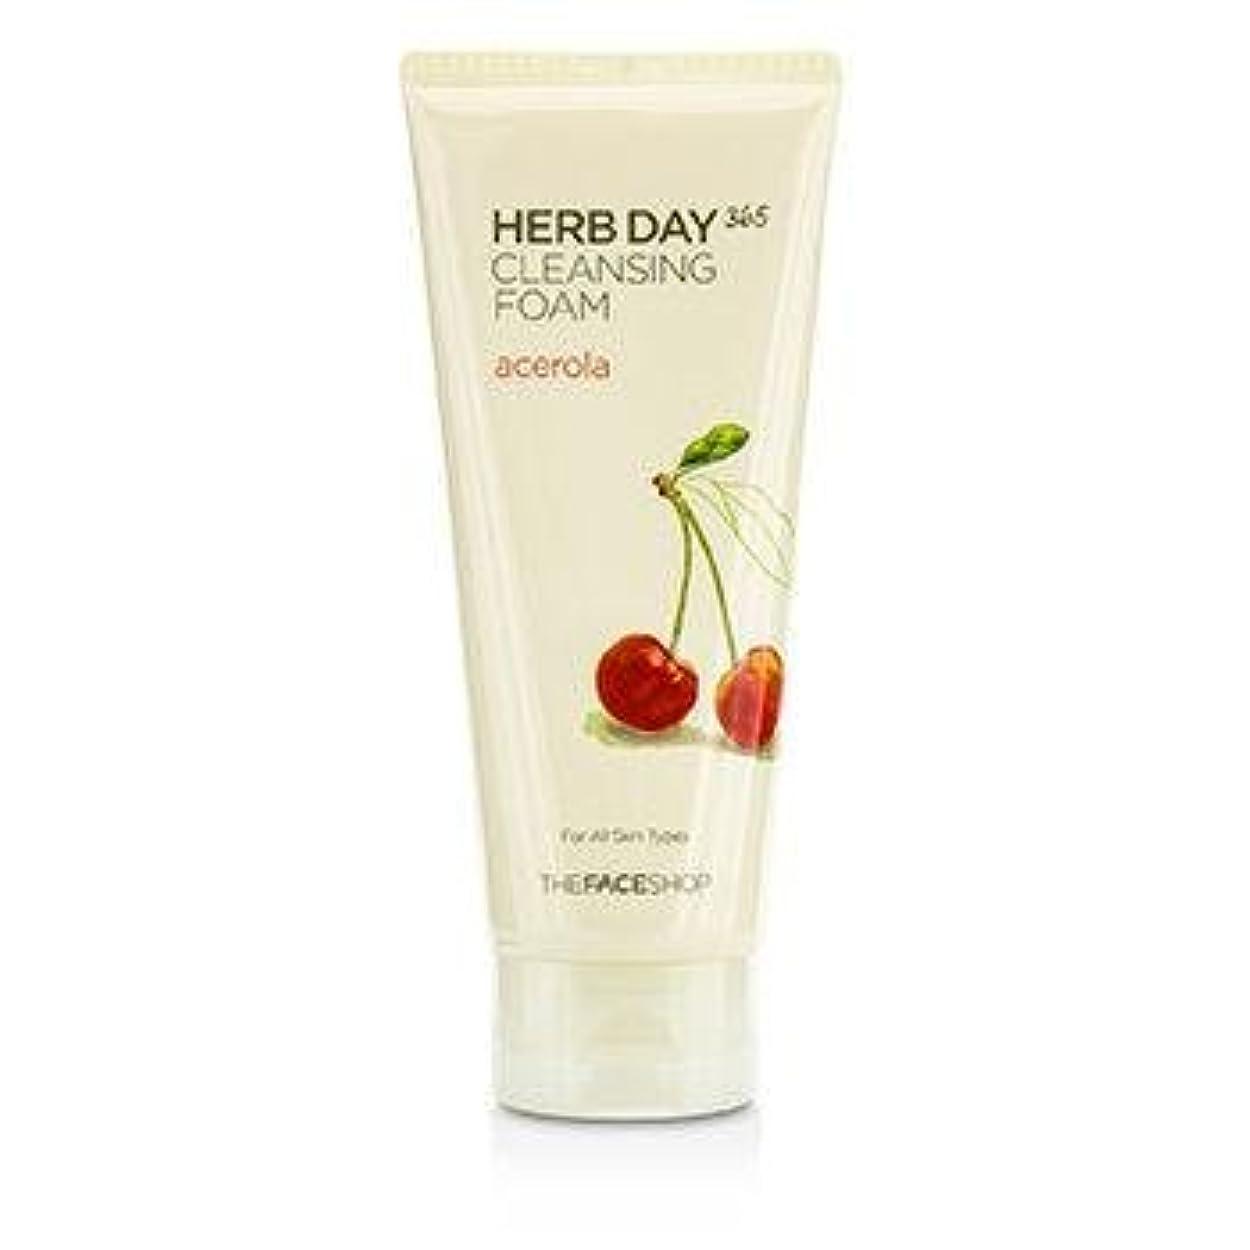 あたり踊り子むしゃむしゃTHE FACE SHOP Herb Day 365 Cleansing Foam Acerola (並行輸入品)